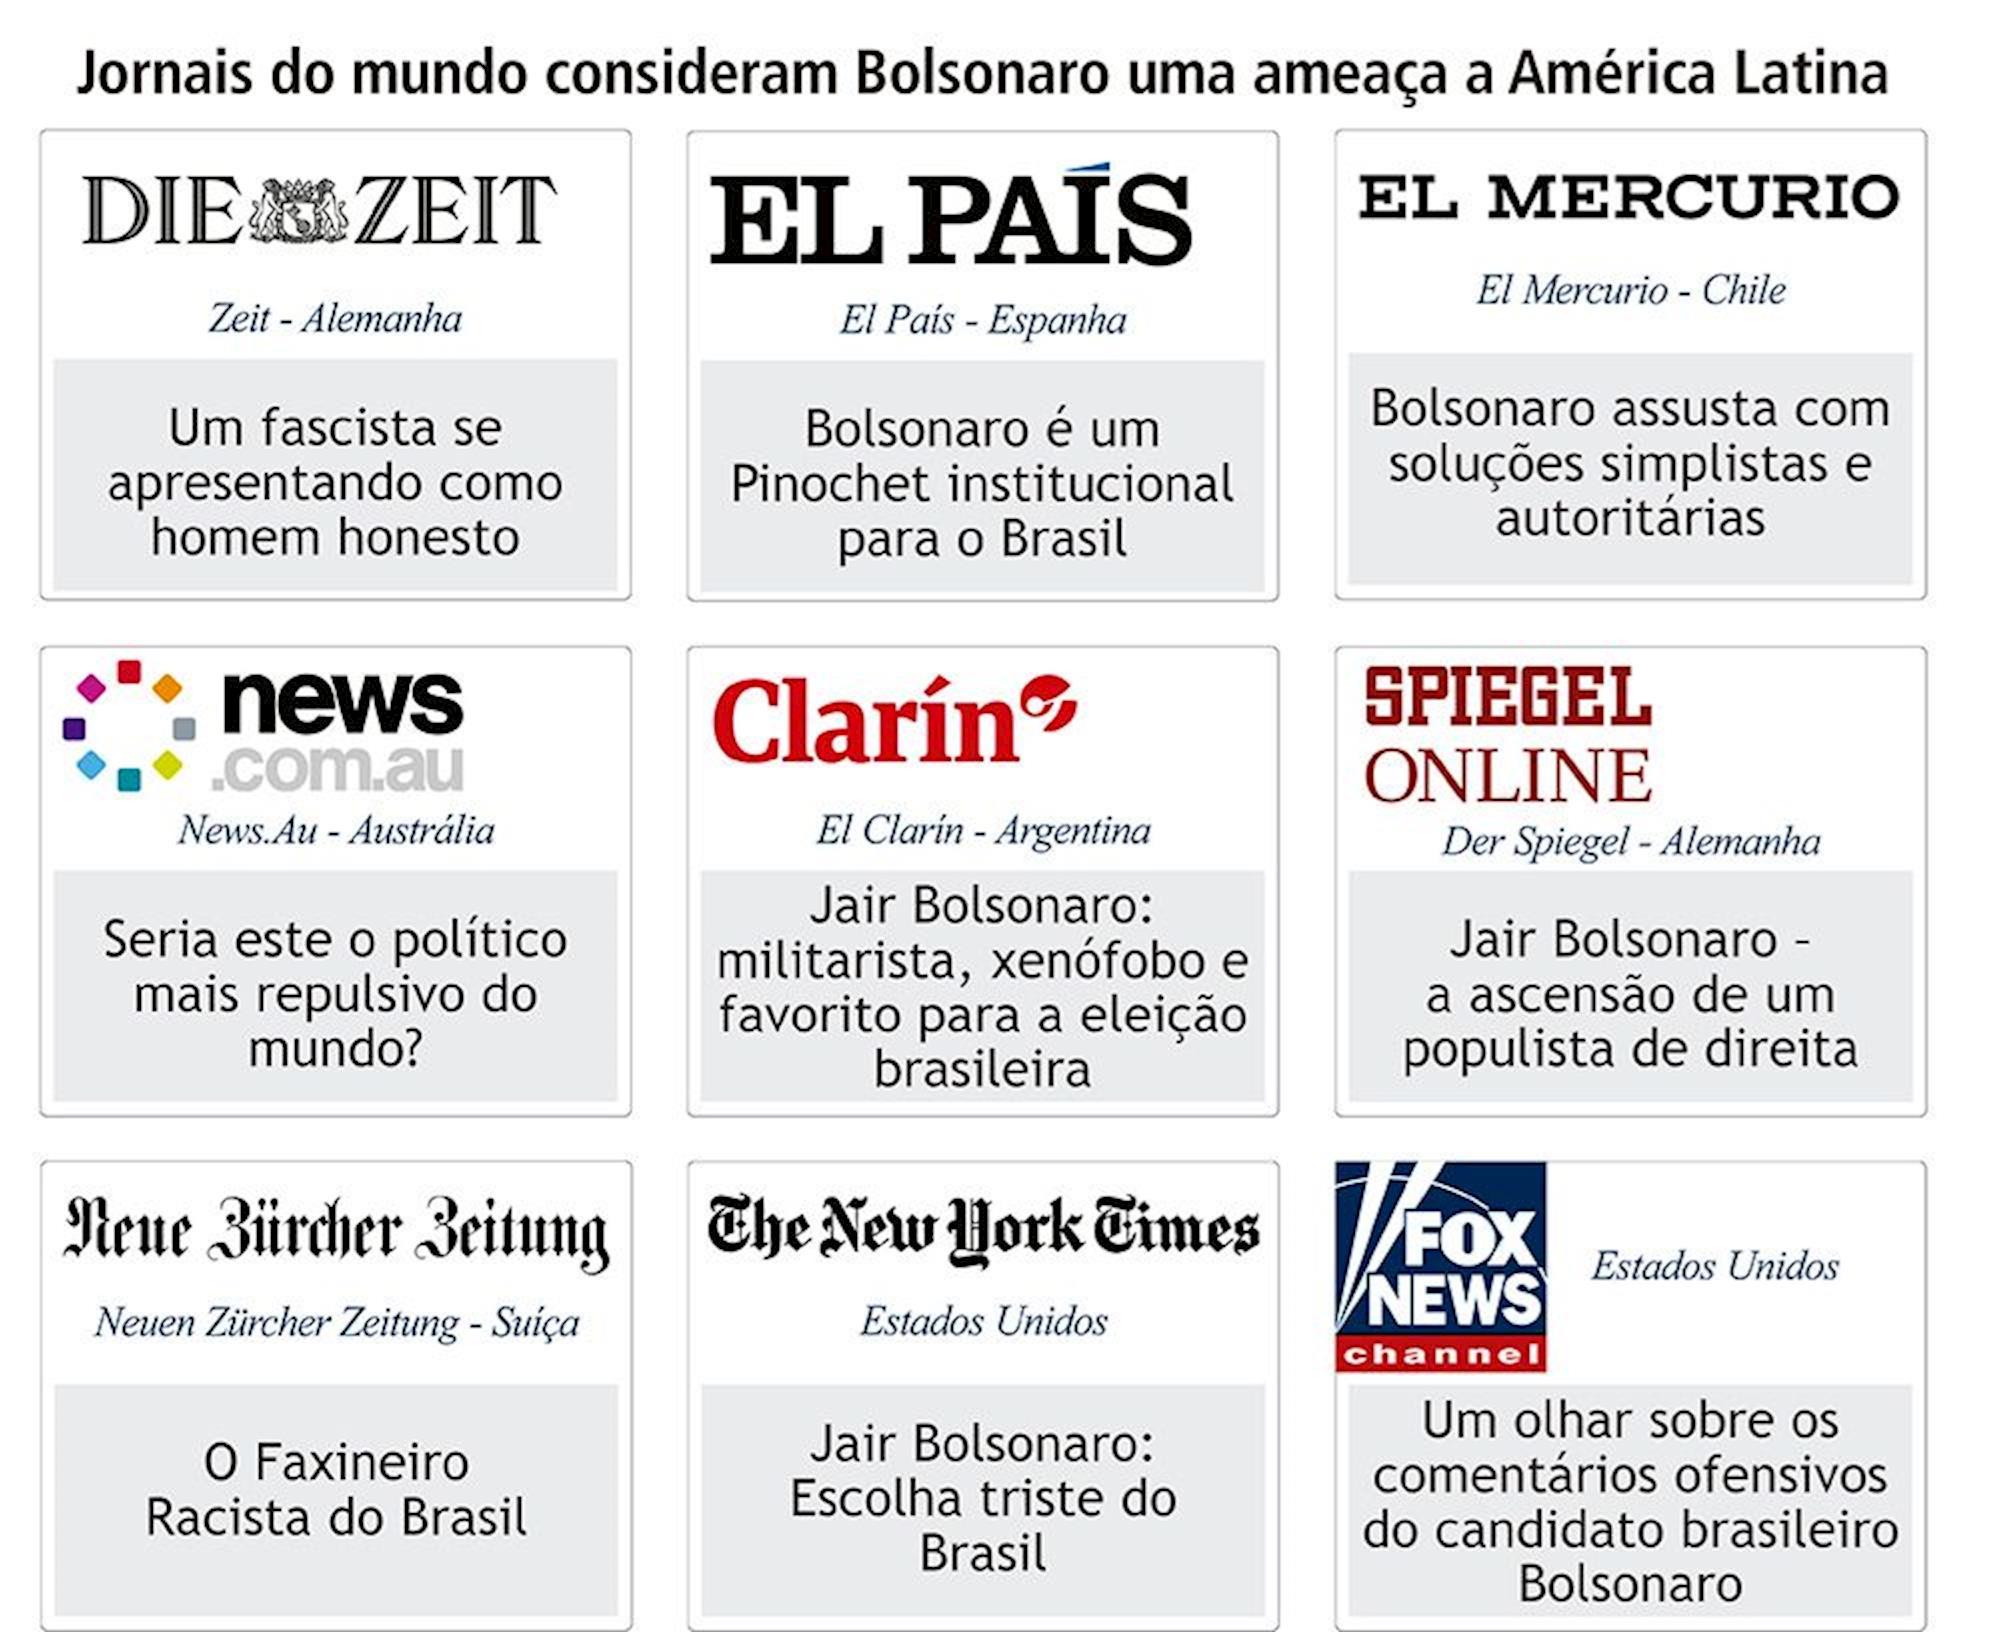 jornais, brasil, bolsonaro,, Divulgação